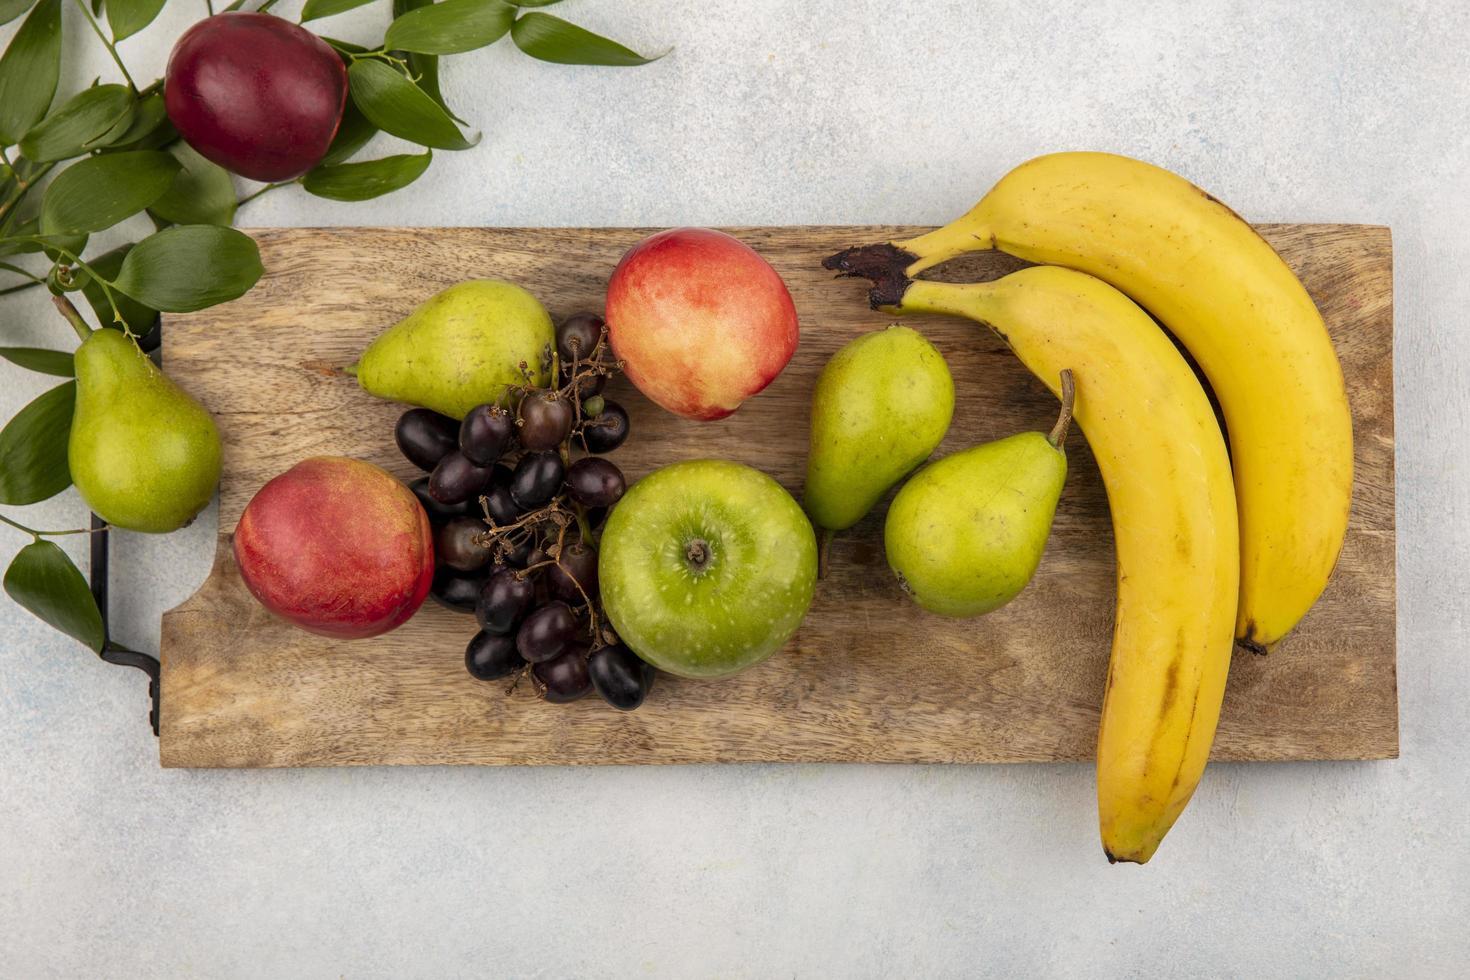 Surtido de frutas sobre tabla de cortar y fondo neutro foto